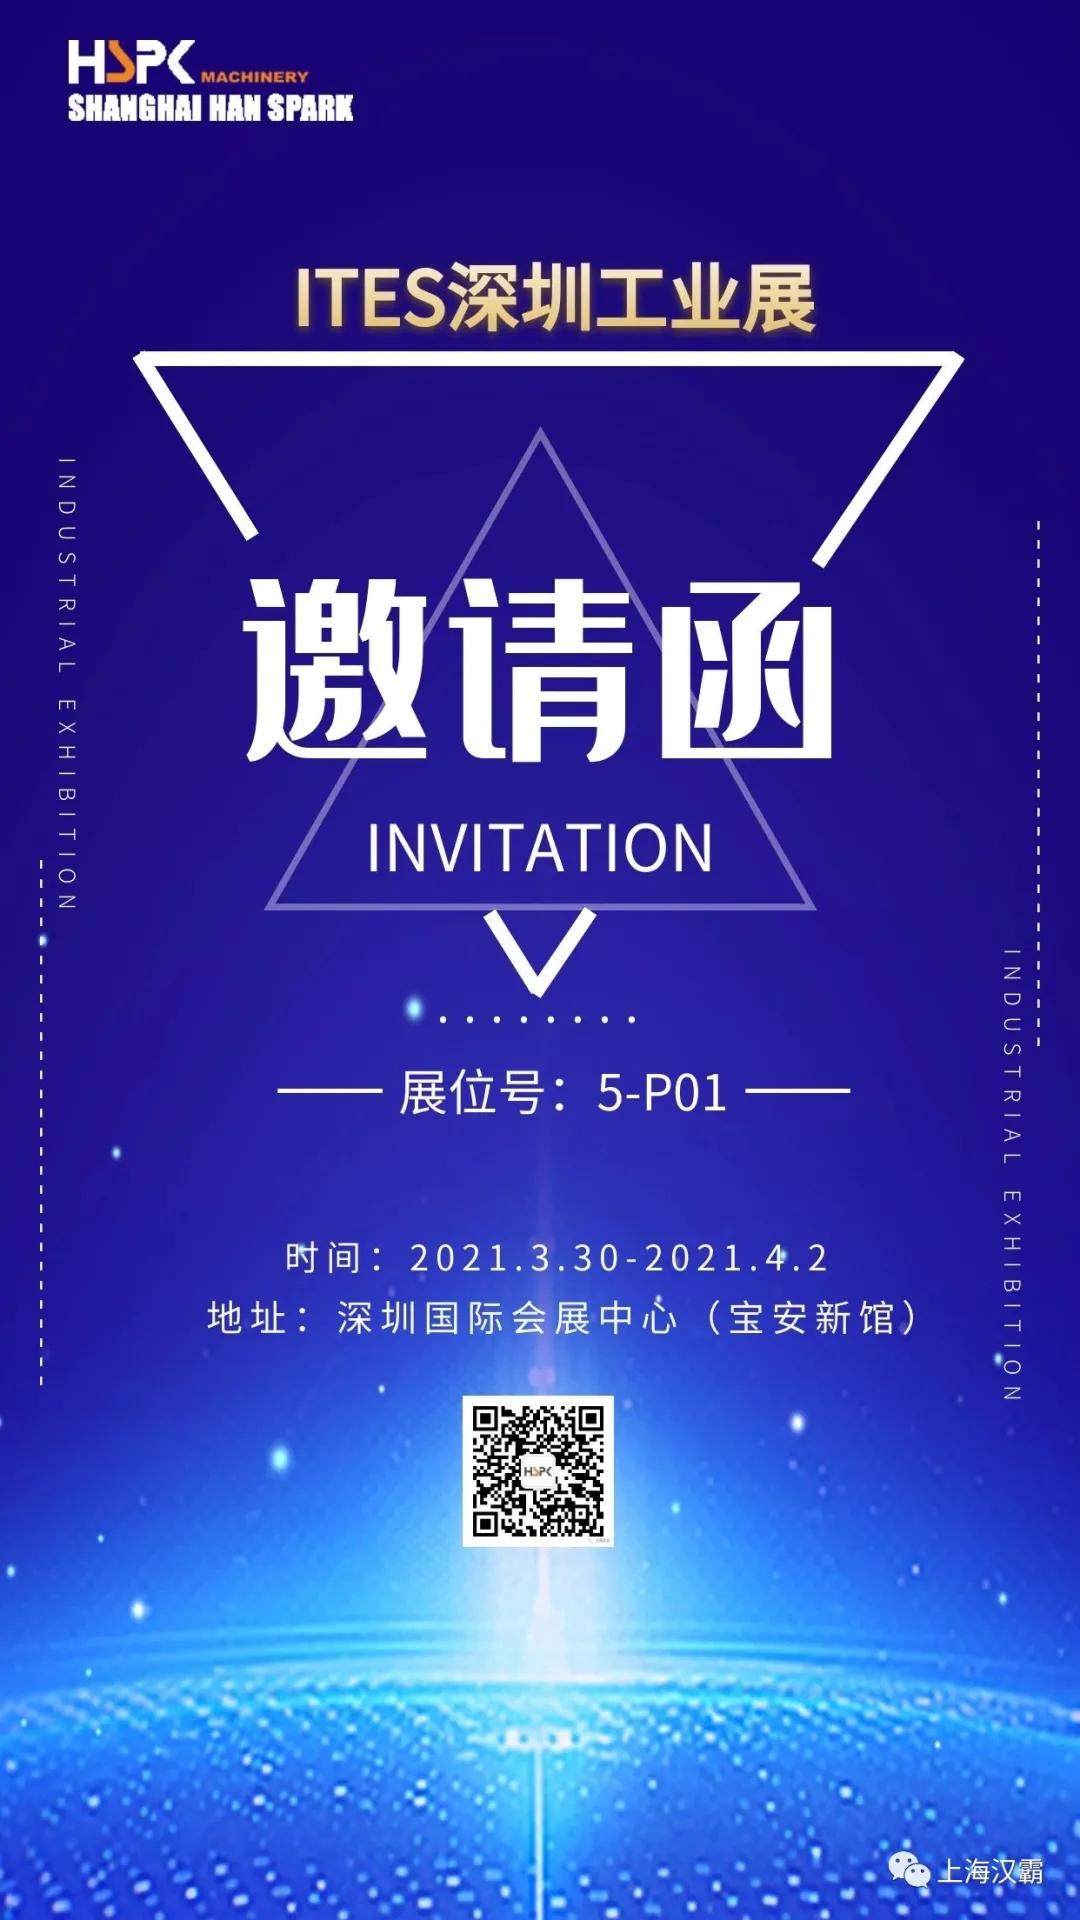 上海汉霸丨诚邀您莅临SIMM/ITES深圳工业展!(图2)